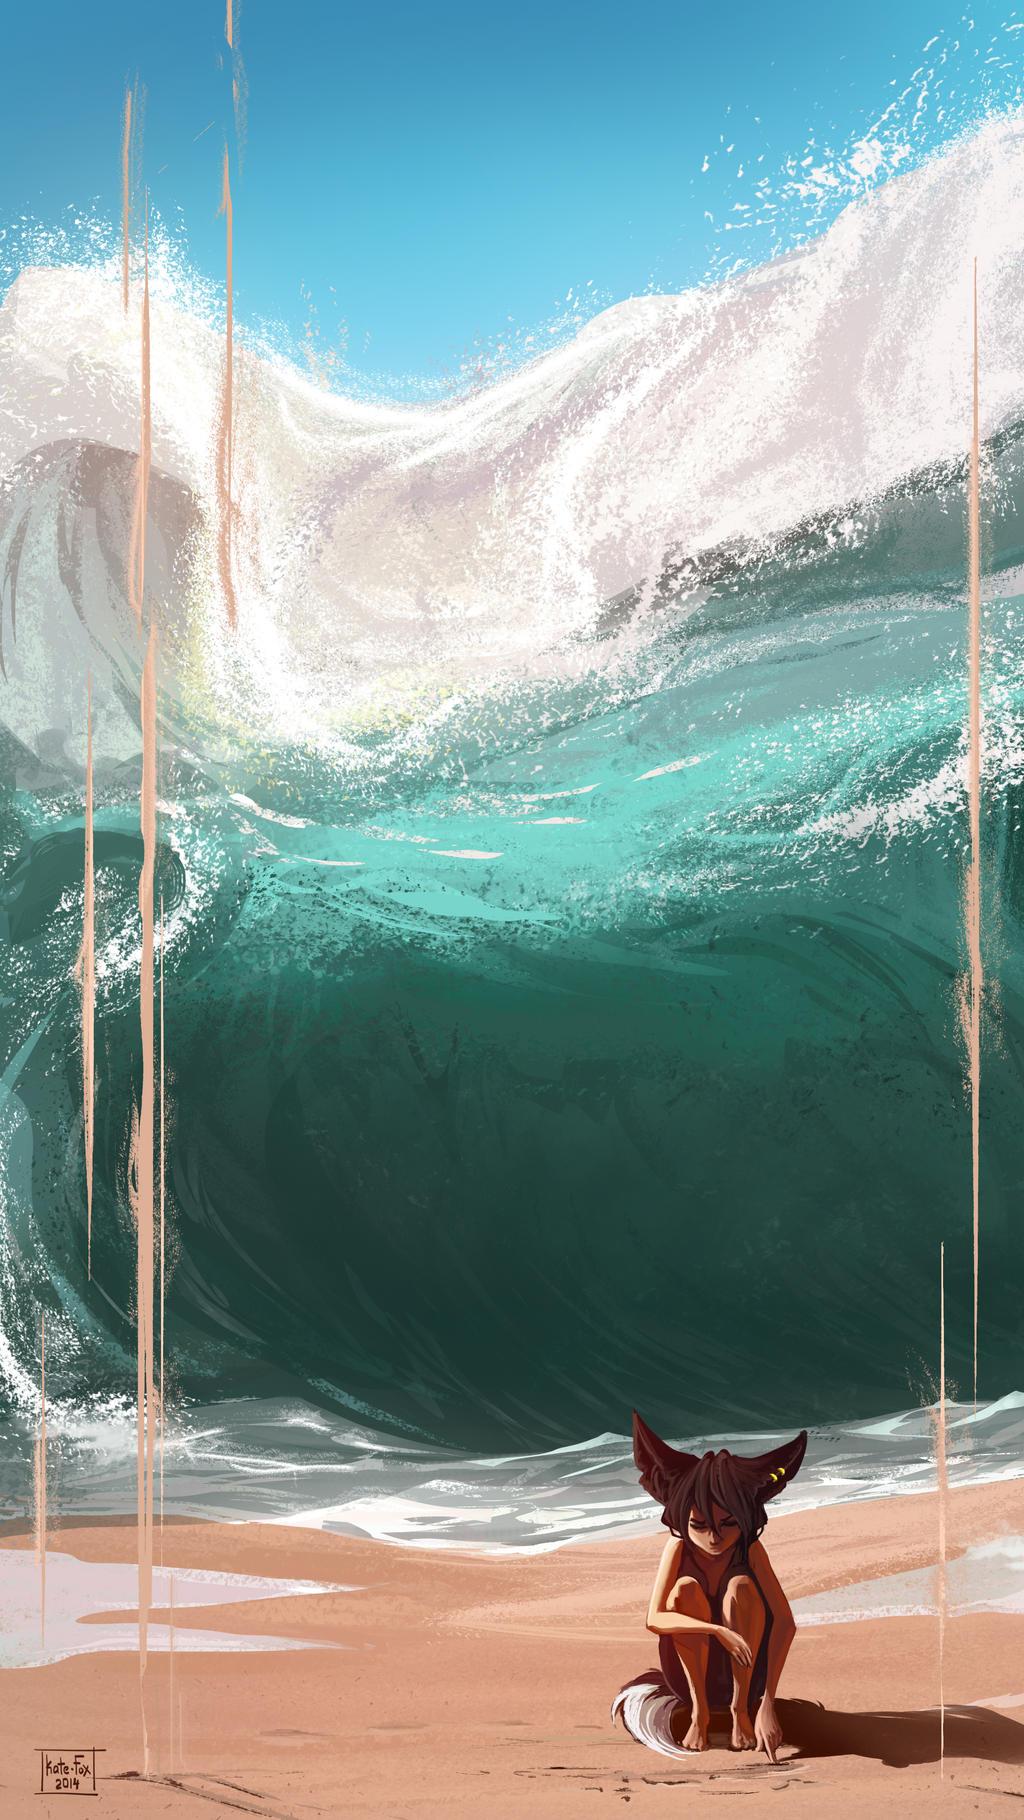 Hugs of the ocean by Kate-FoX